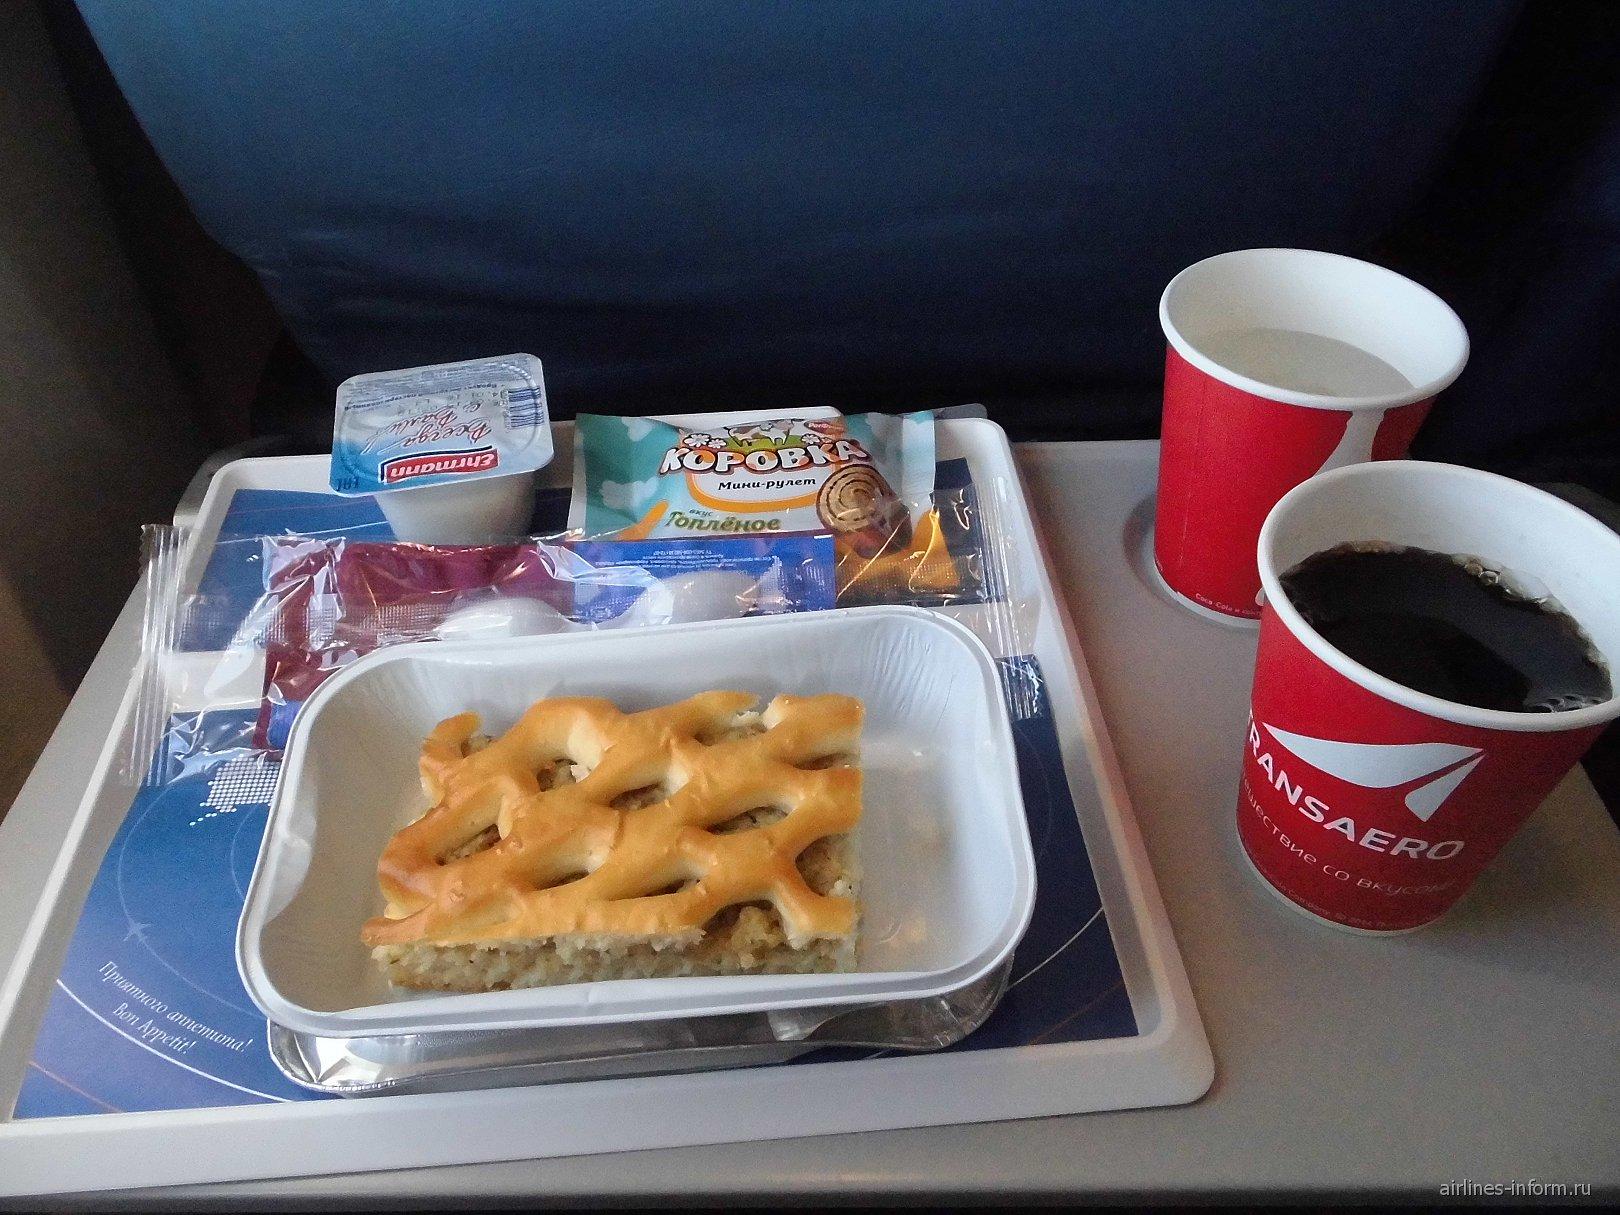 Завтрак на рейсе Омск-Москва авиакомпании